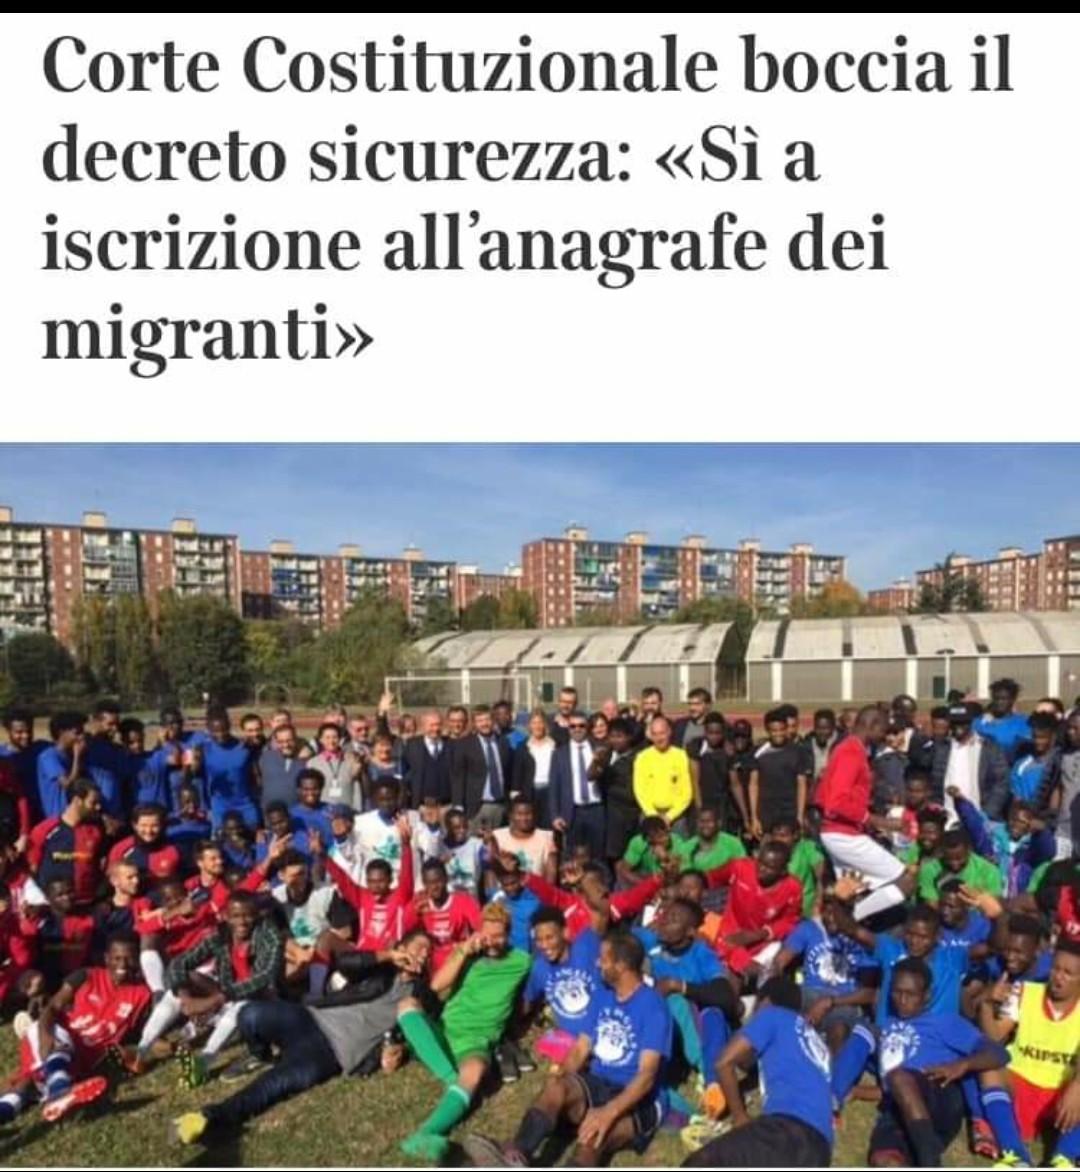 #decretosicurezza